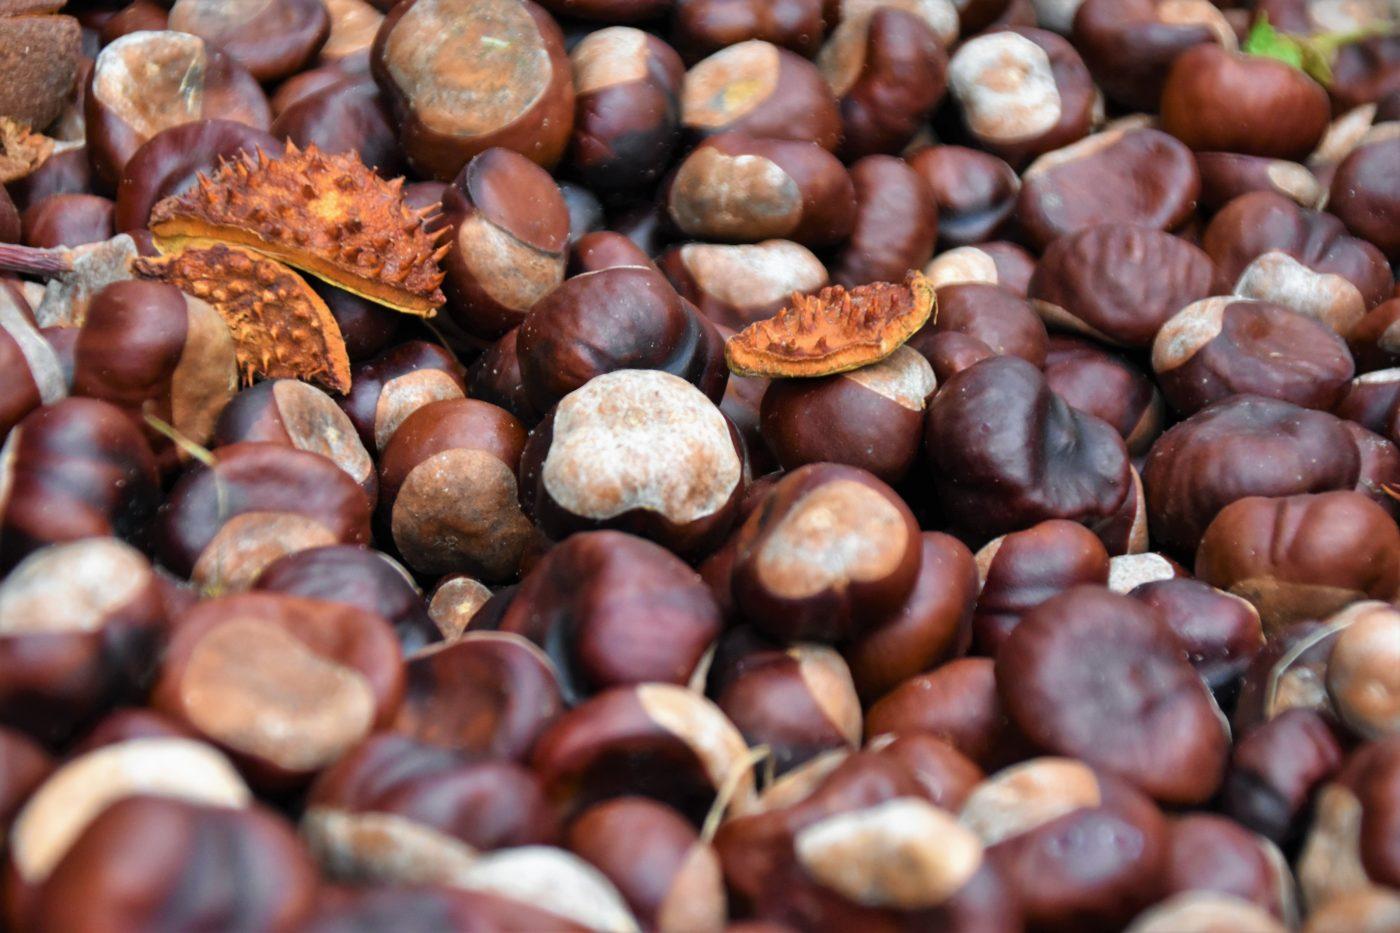 La farina di marroni, un ingrediente gustoso per dare il benvenuto all'autunno!